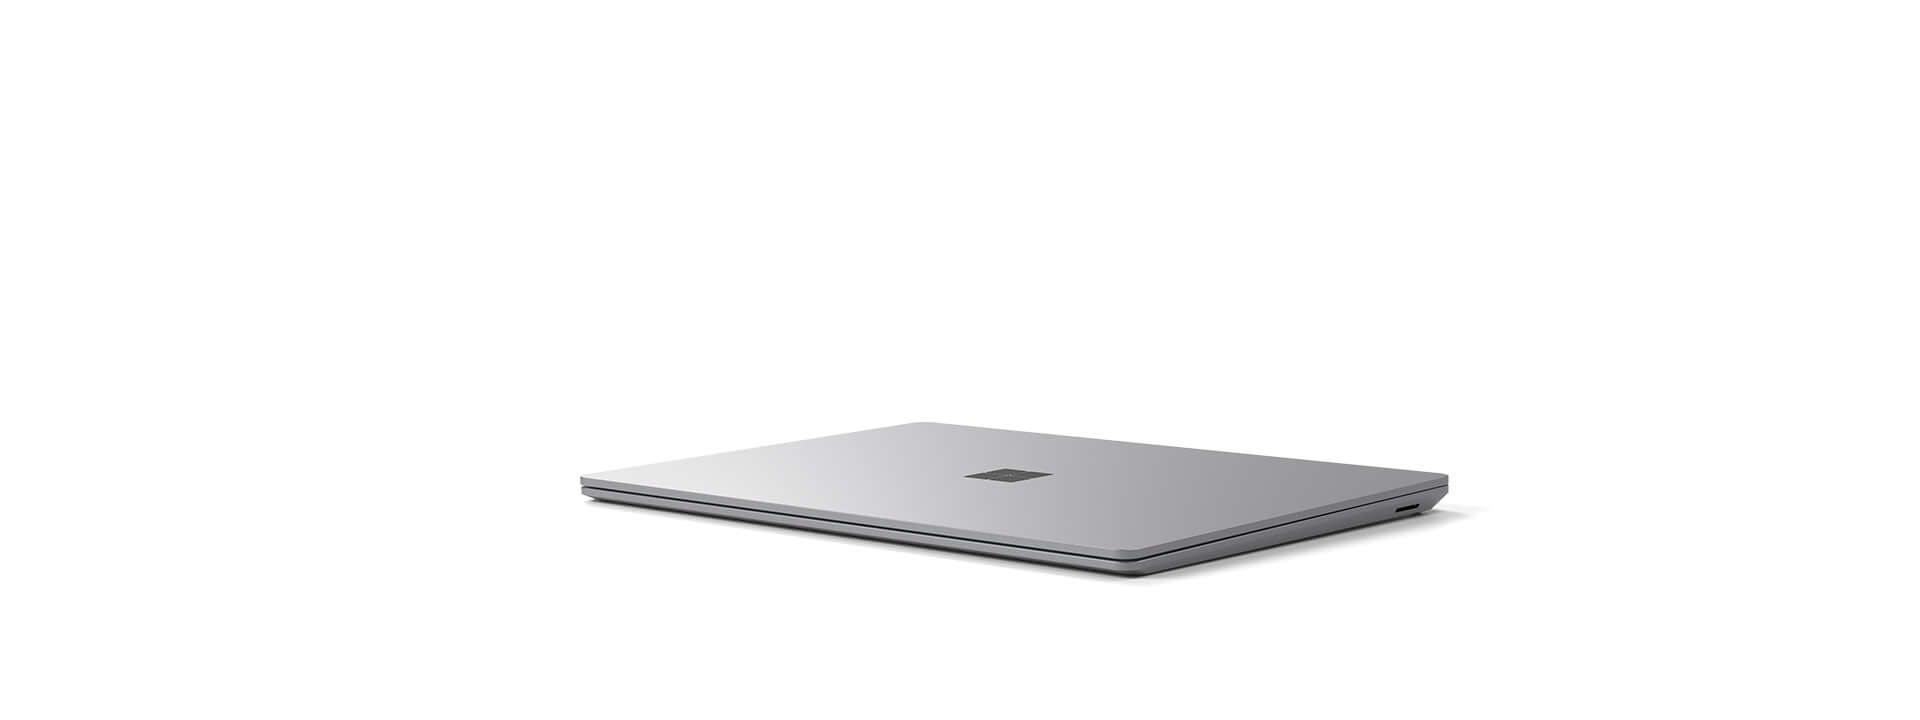 合上的Surfae Laptop 4 亮铂金